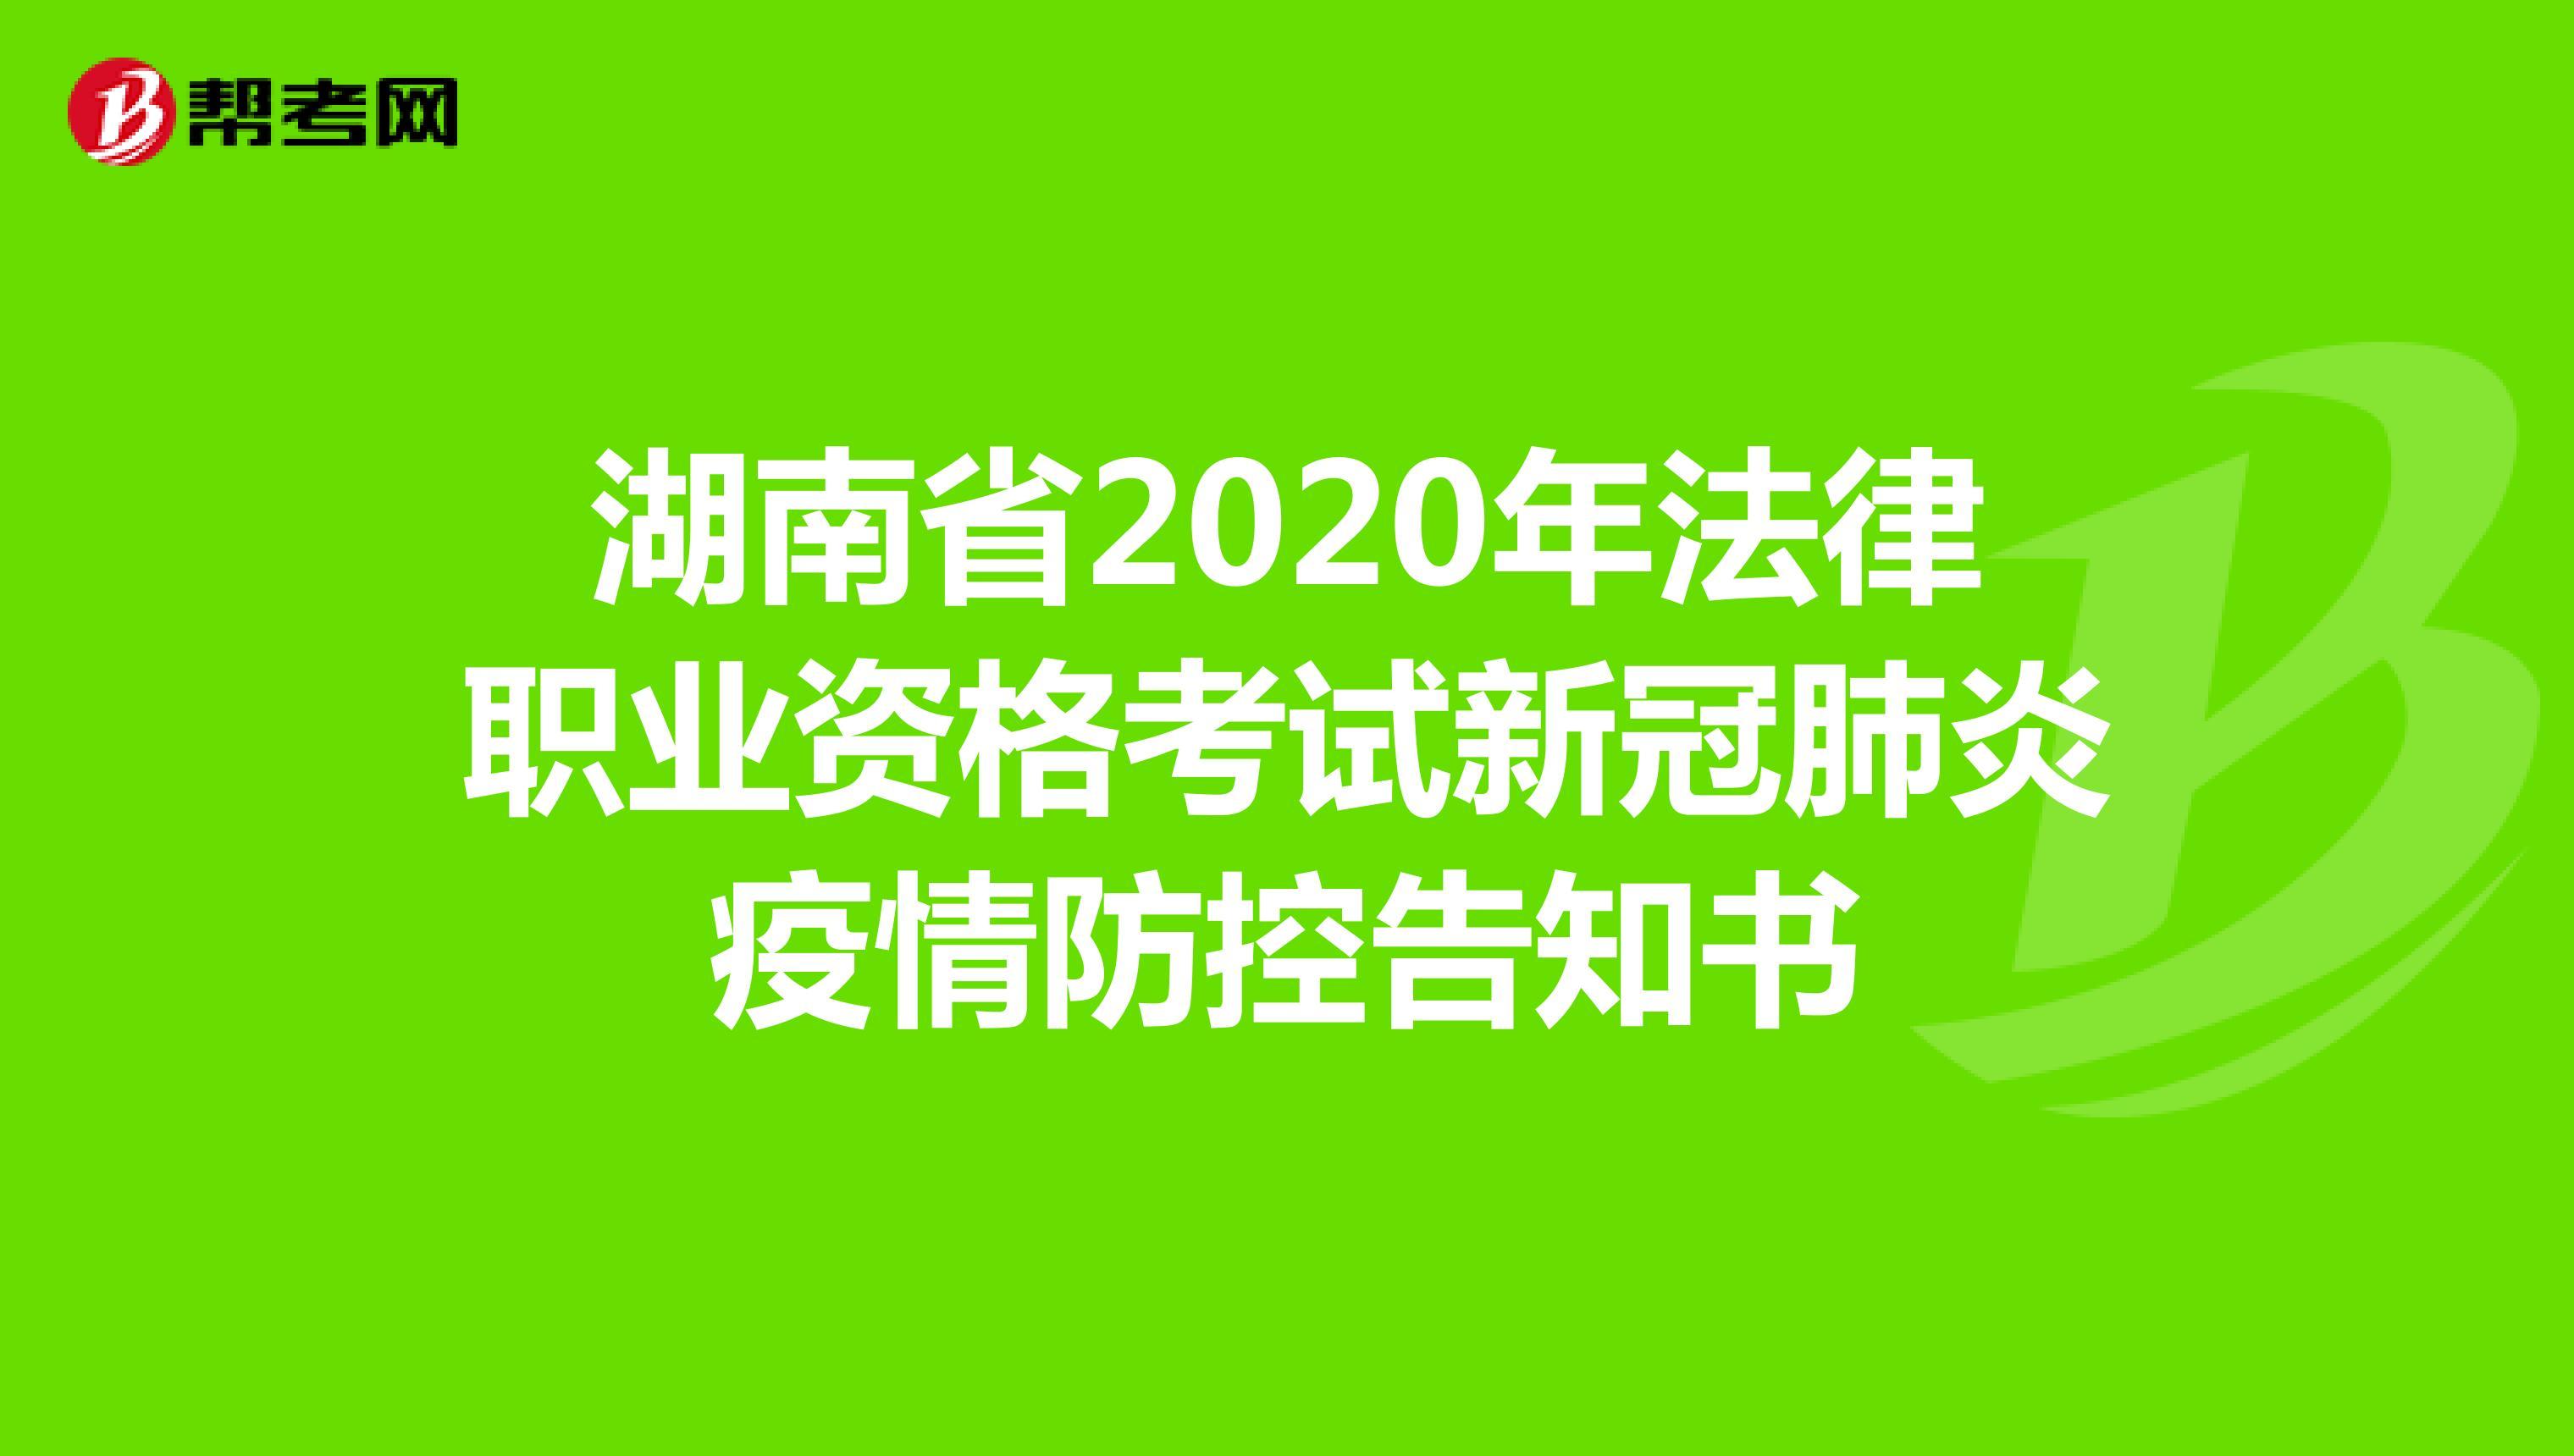 湖南省2020年法律职业资格考试新冠肺炎疫情防控告知书